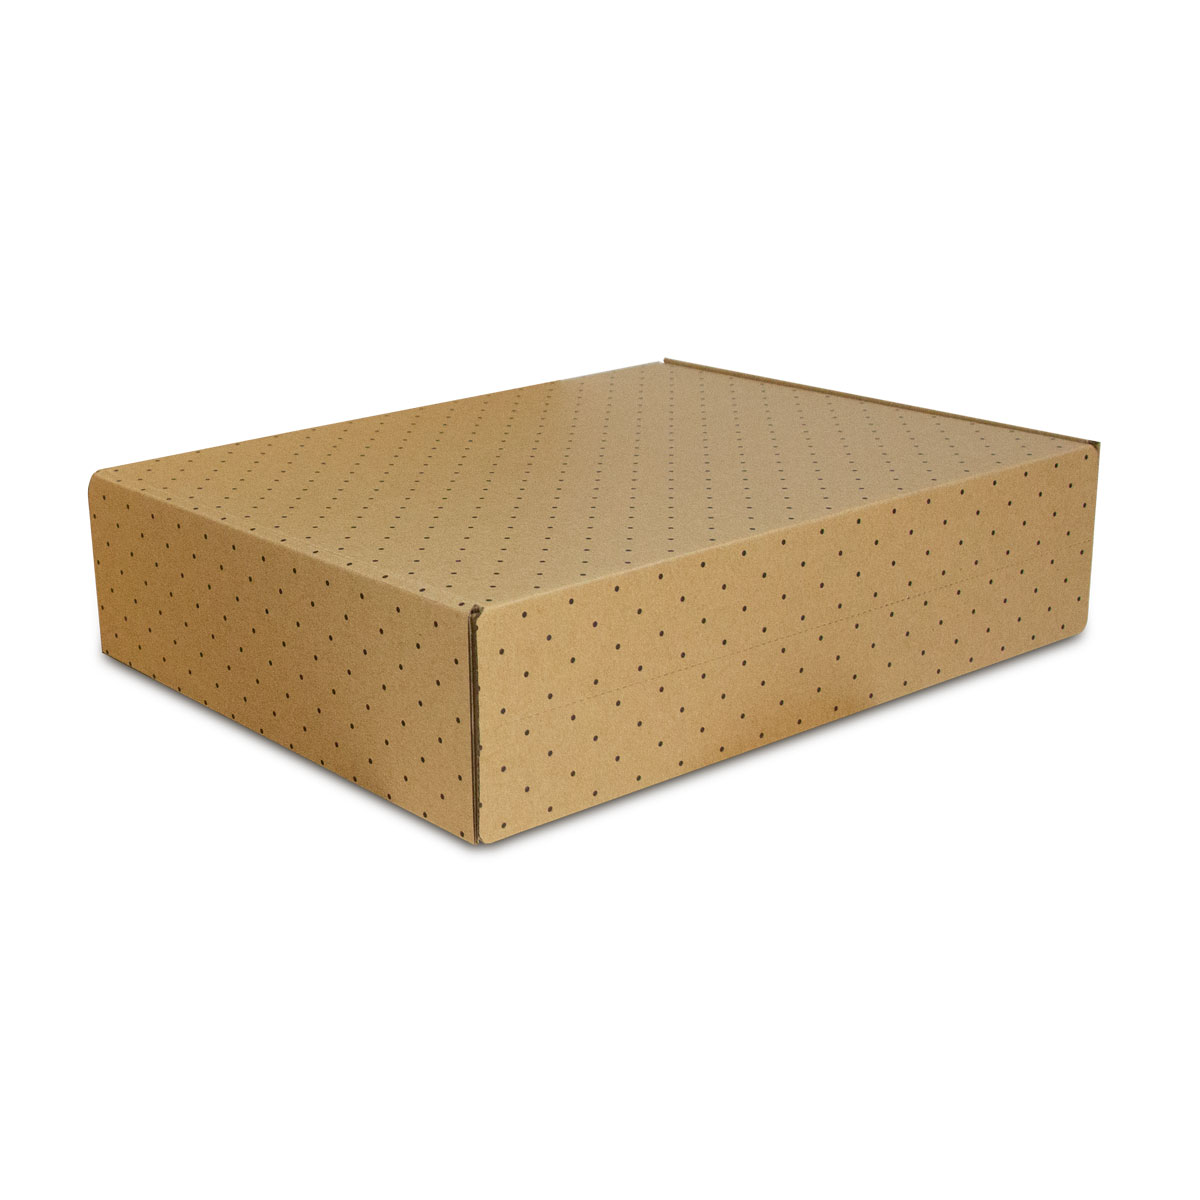 verzenddozen-dots-product_(1)